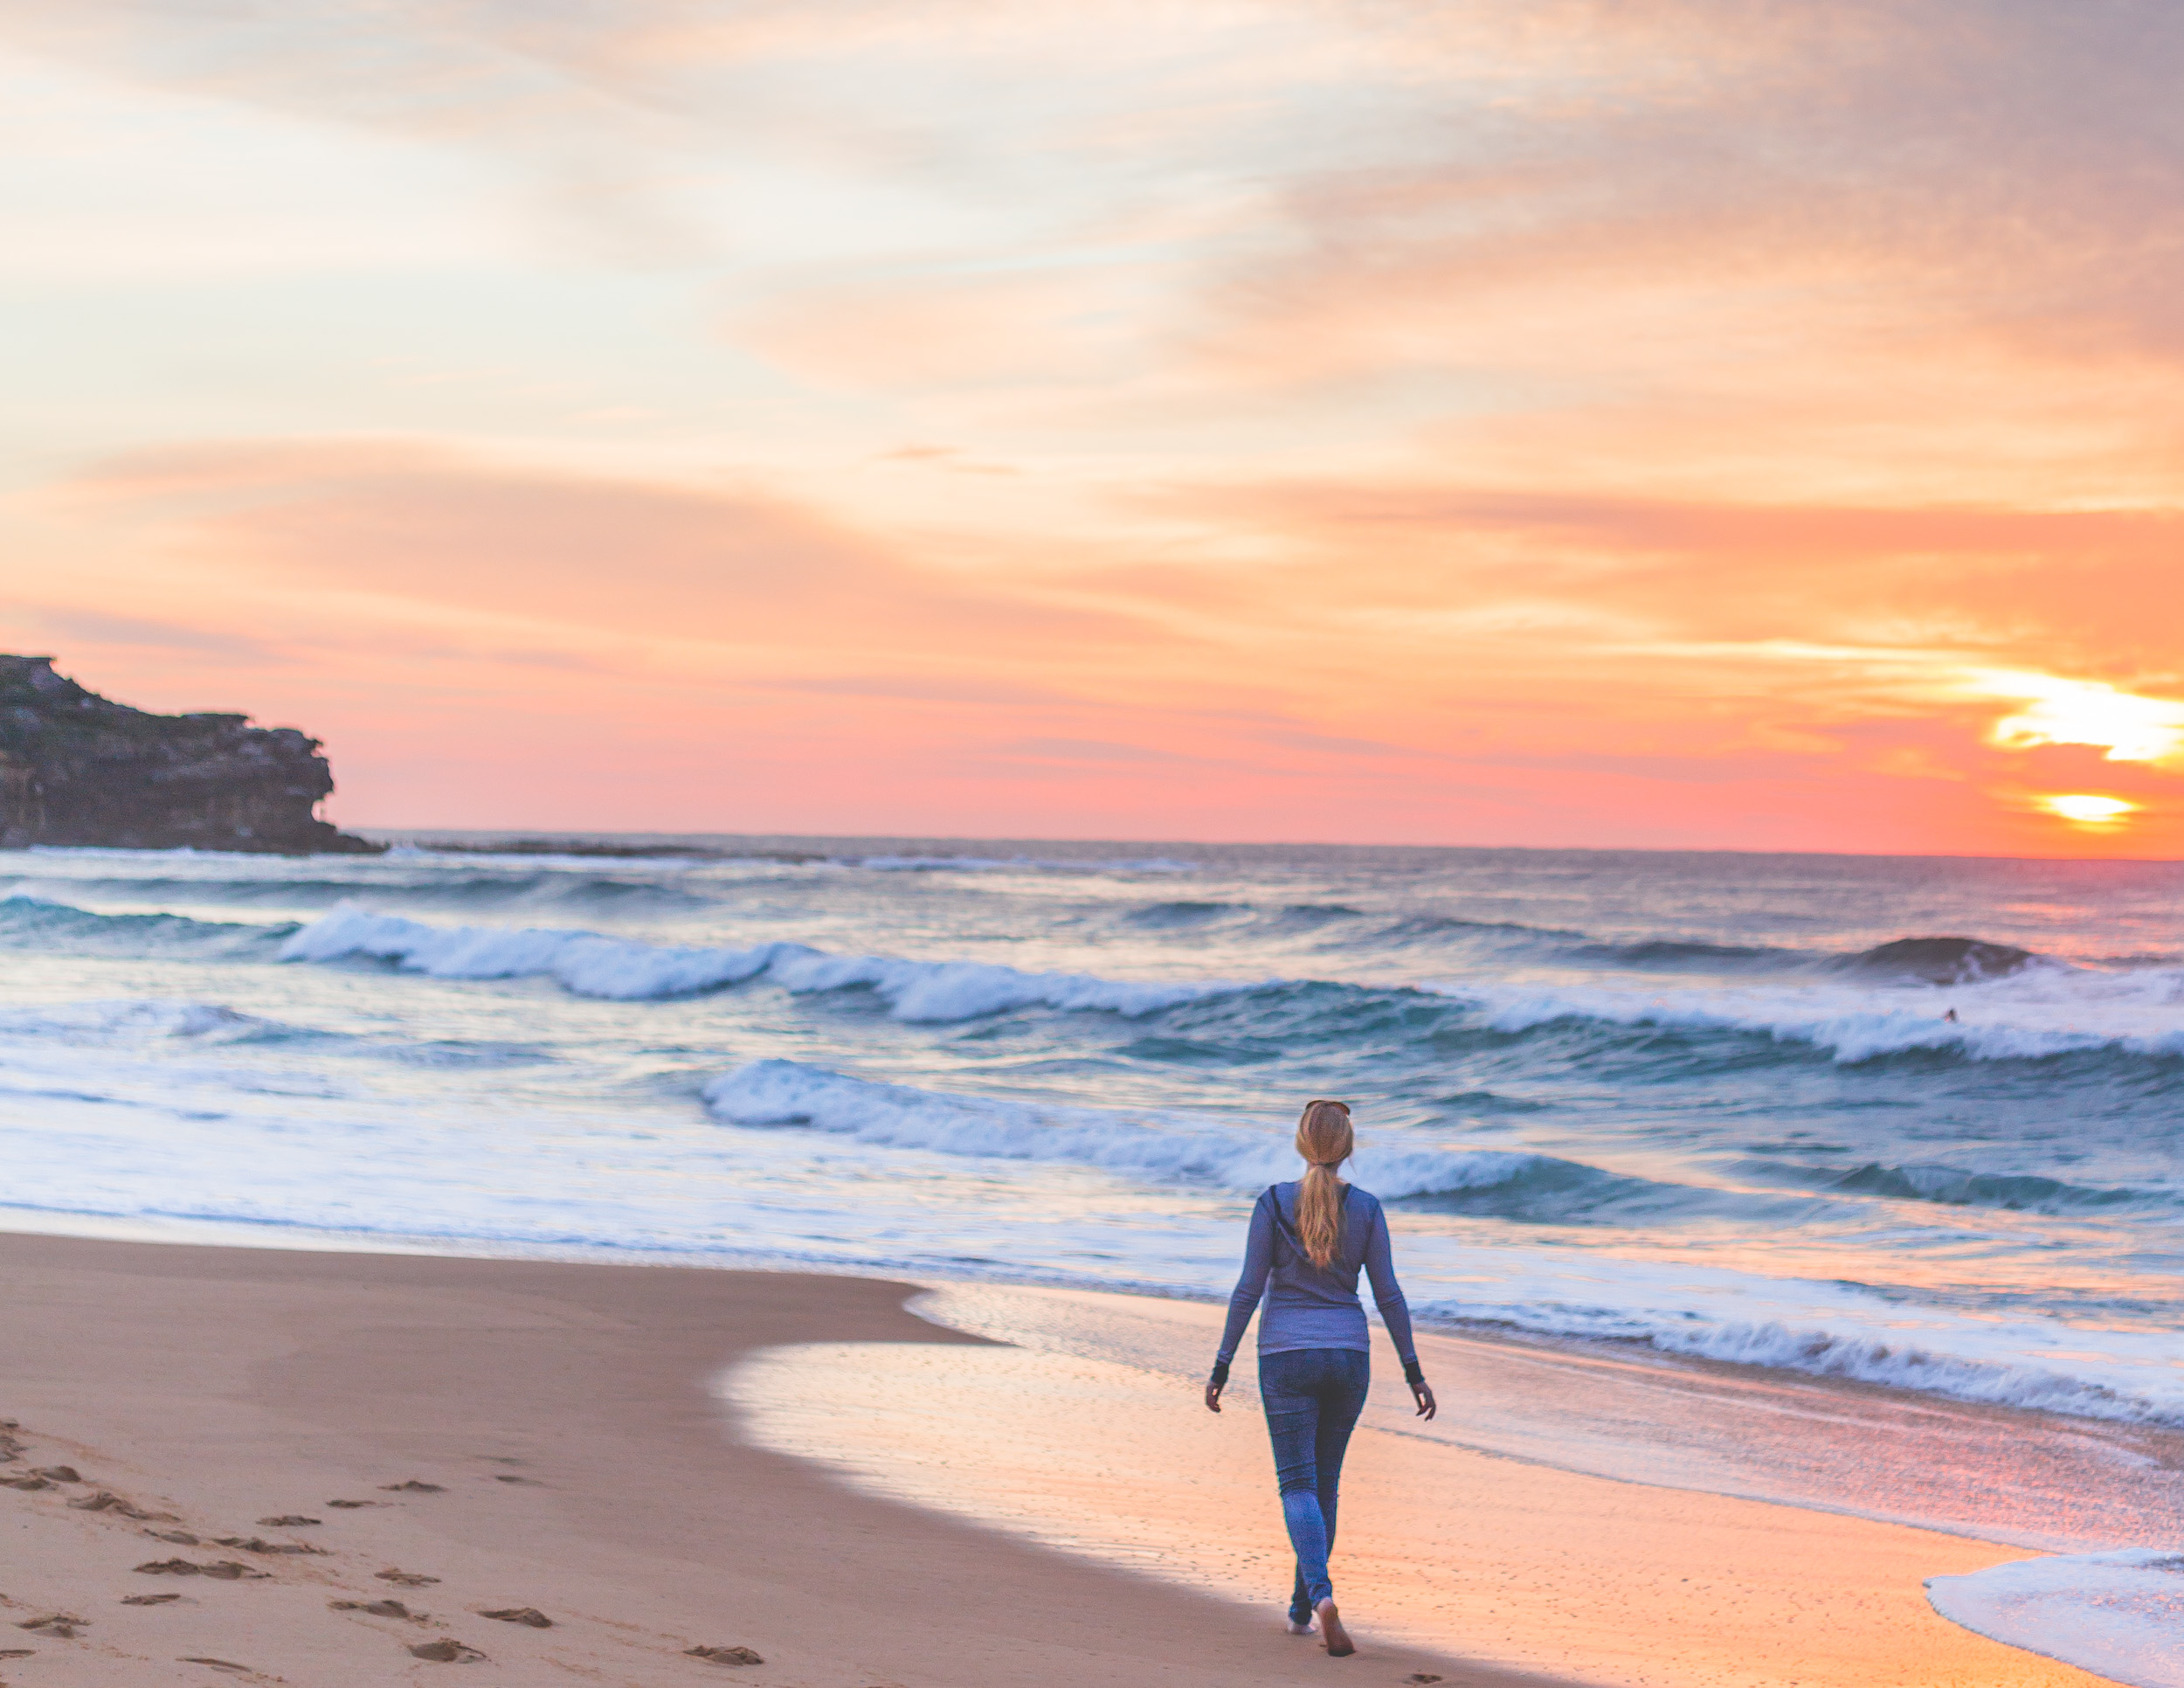 Sunrise at Curl Curl Beach